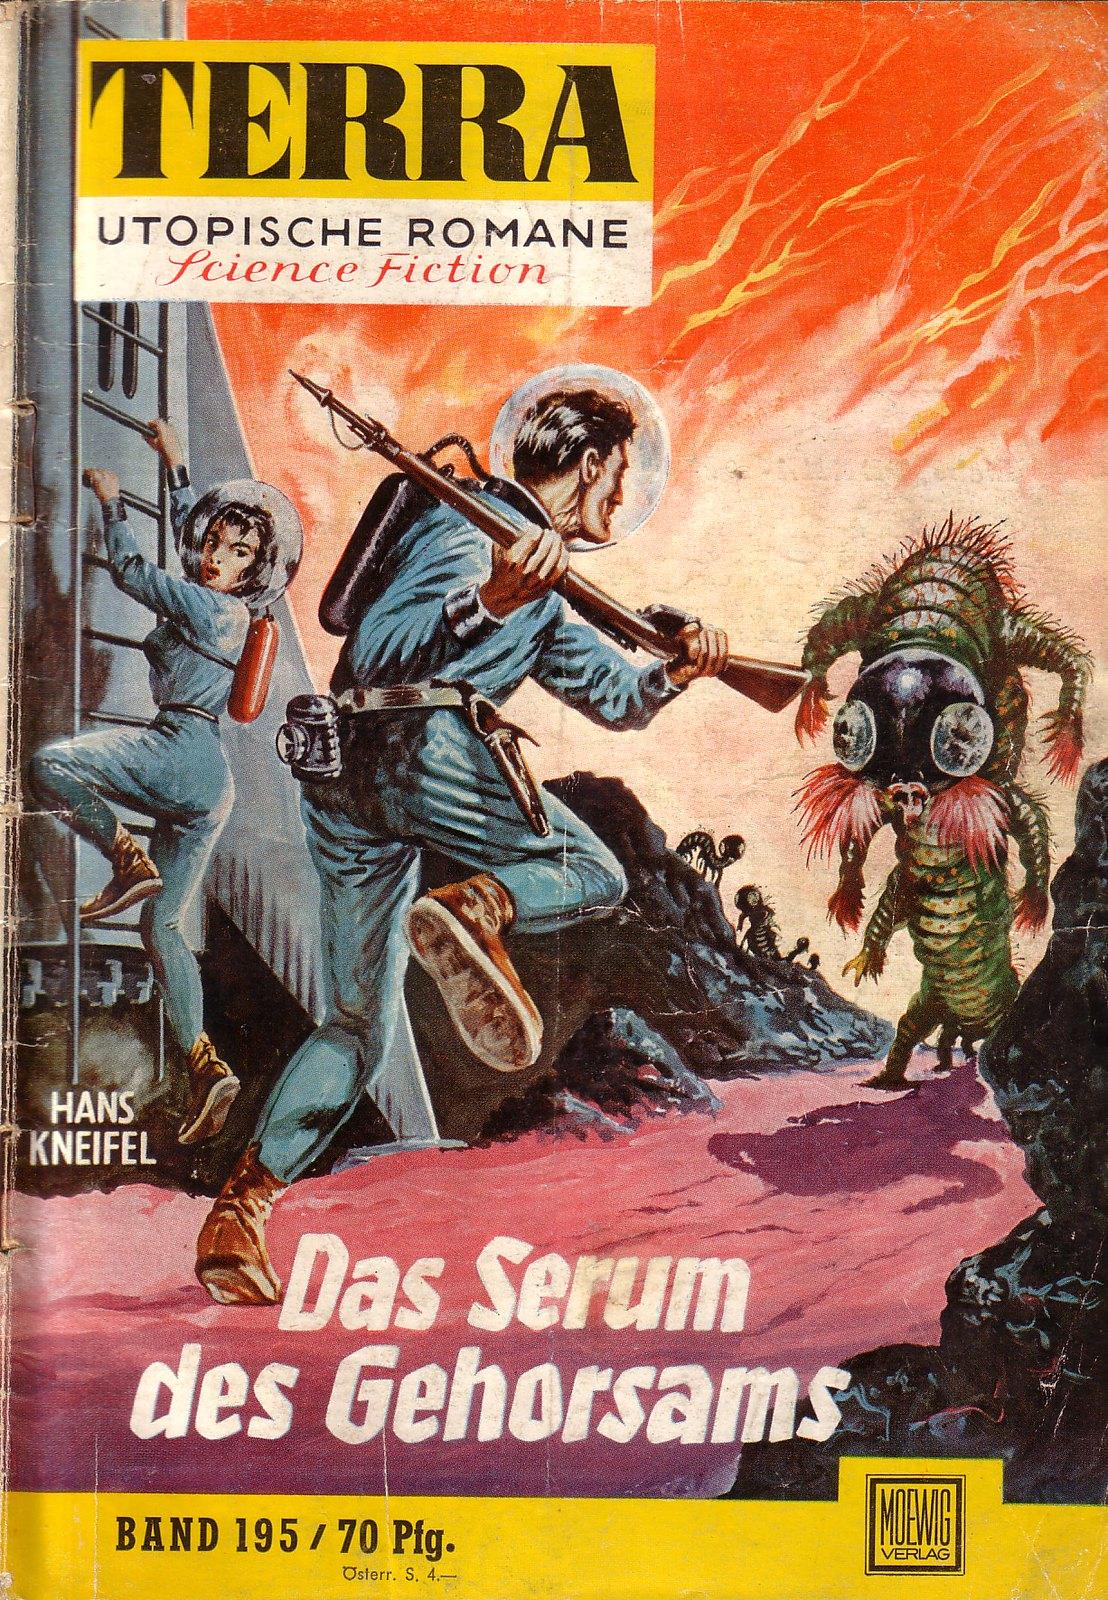 Великолепные обложки немецкого фантастического журнала Terra (22).jpg